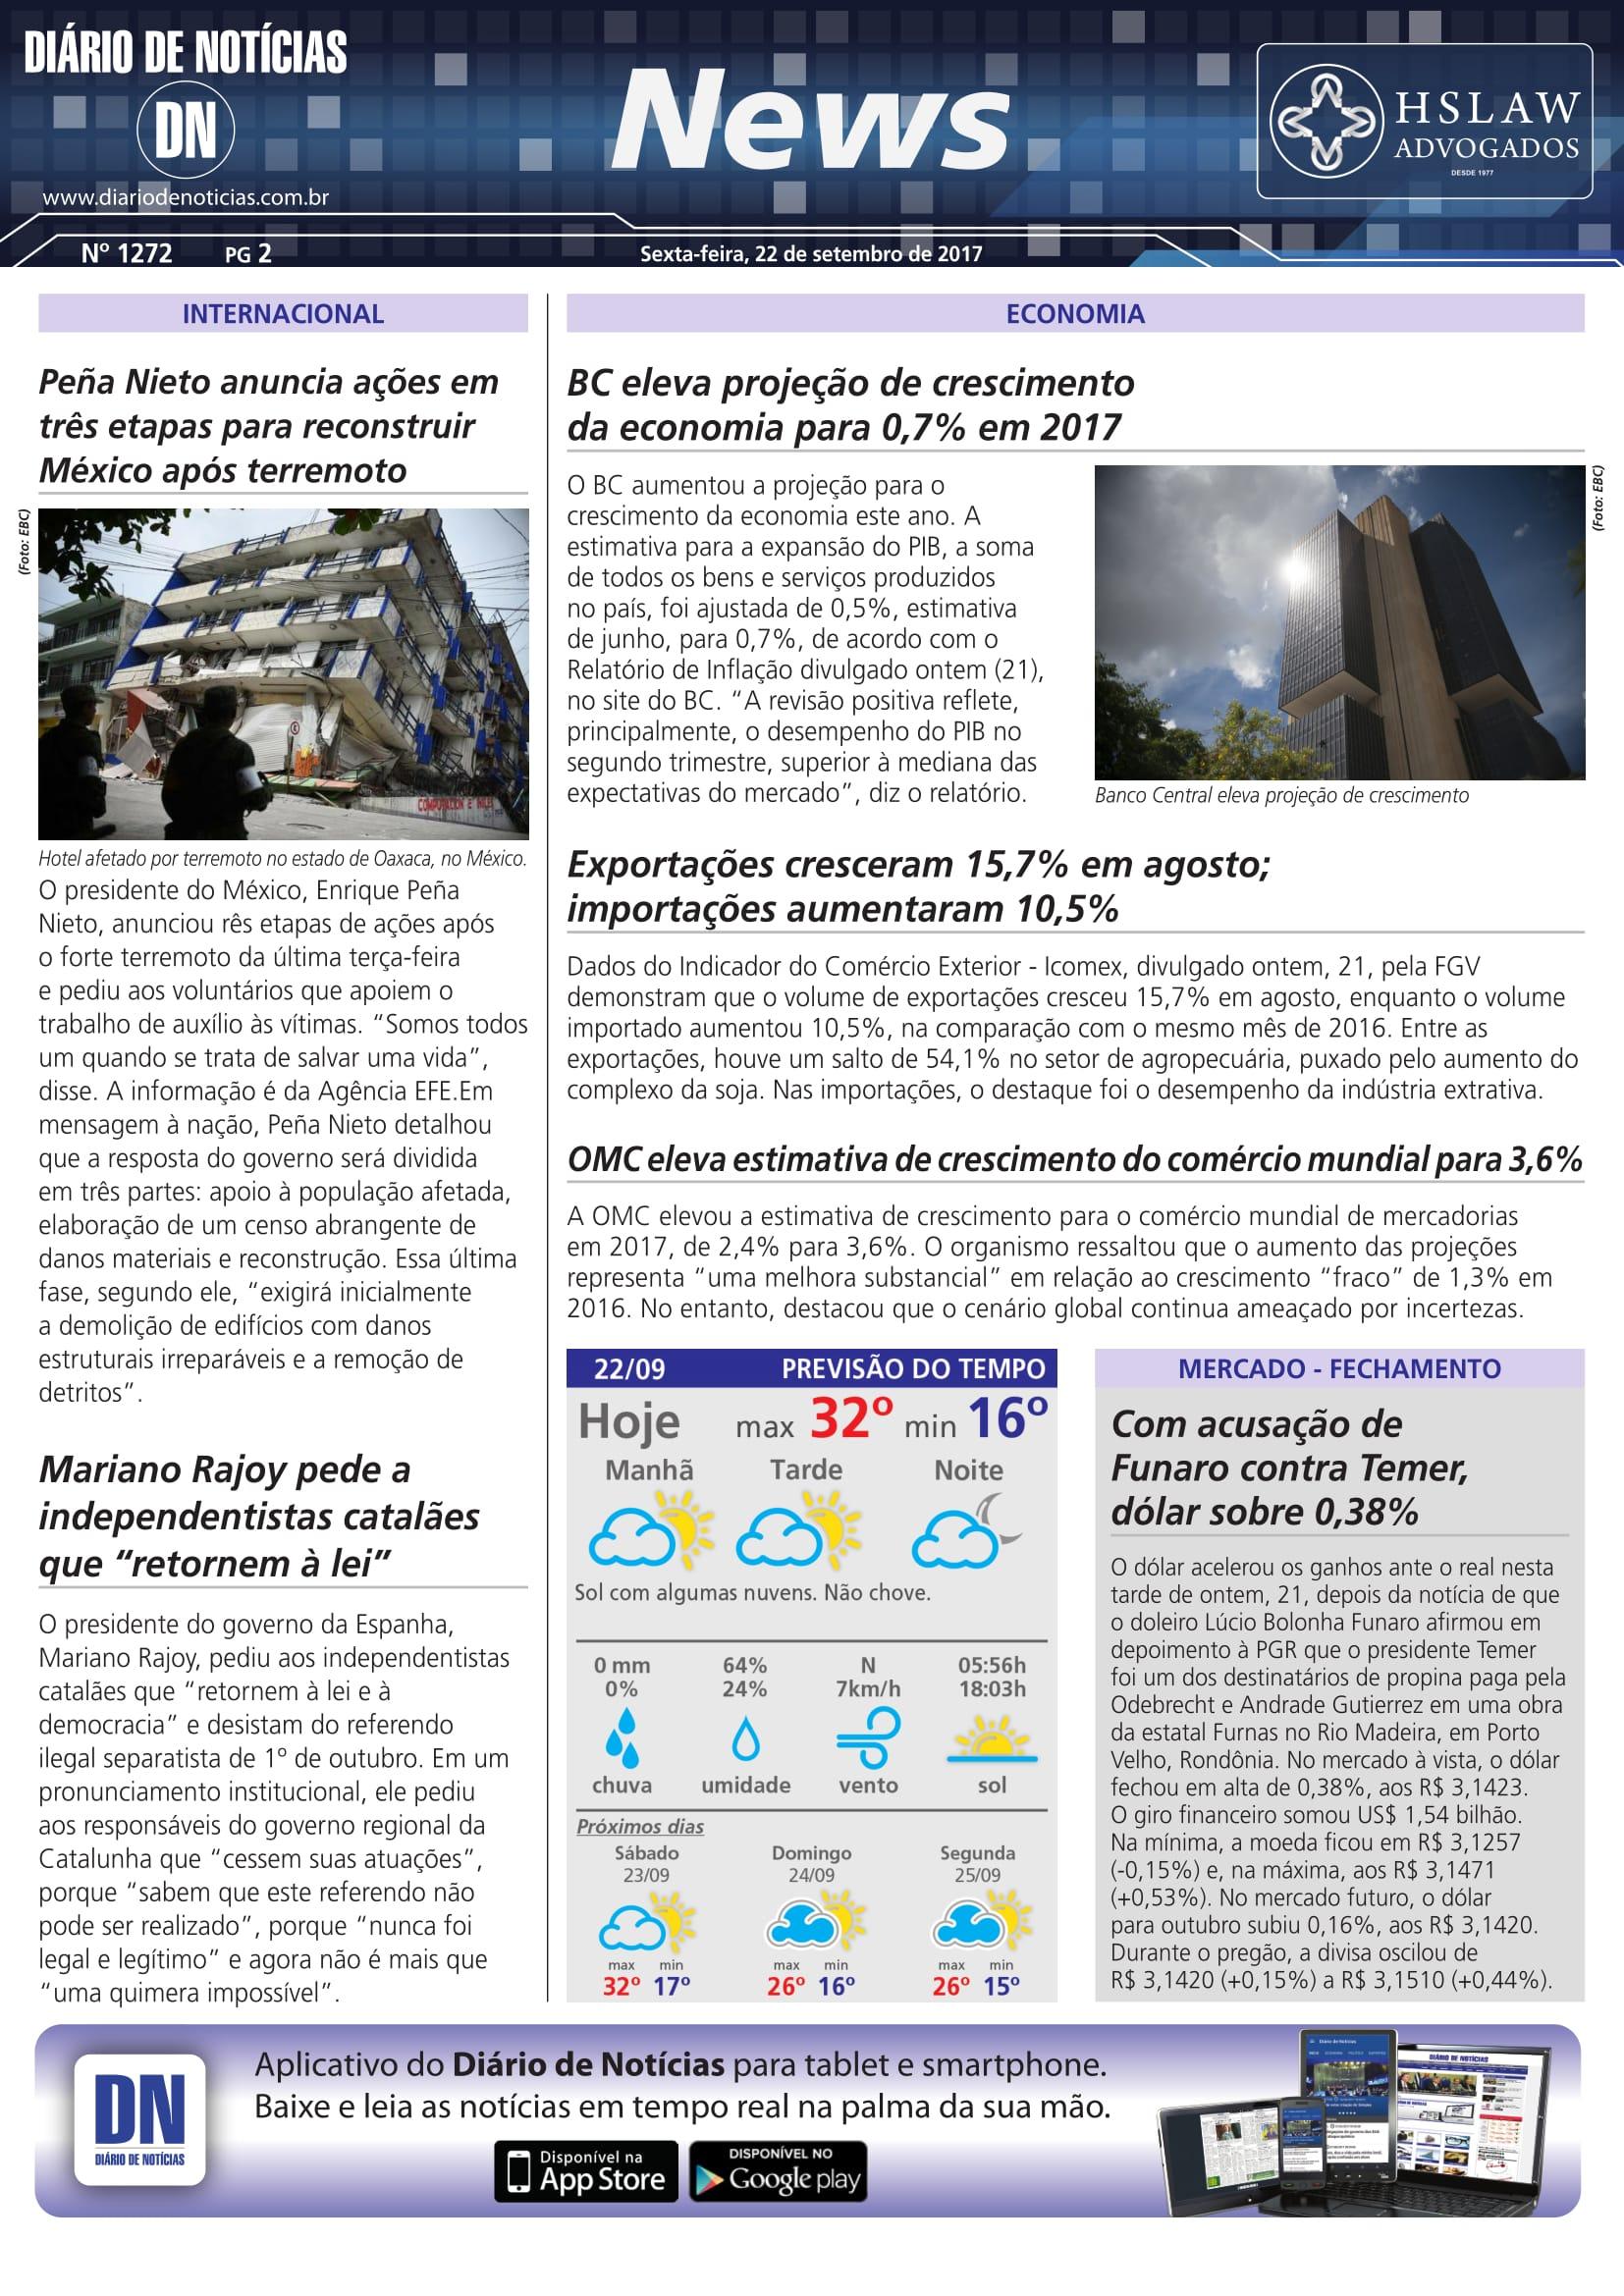 NewsPaper_1272_DN_220917-2